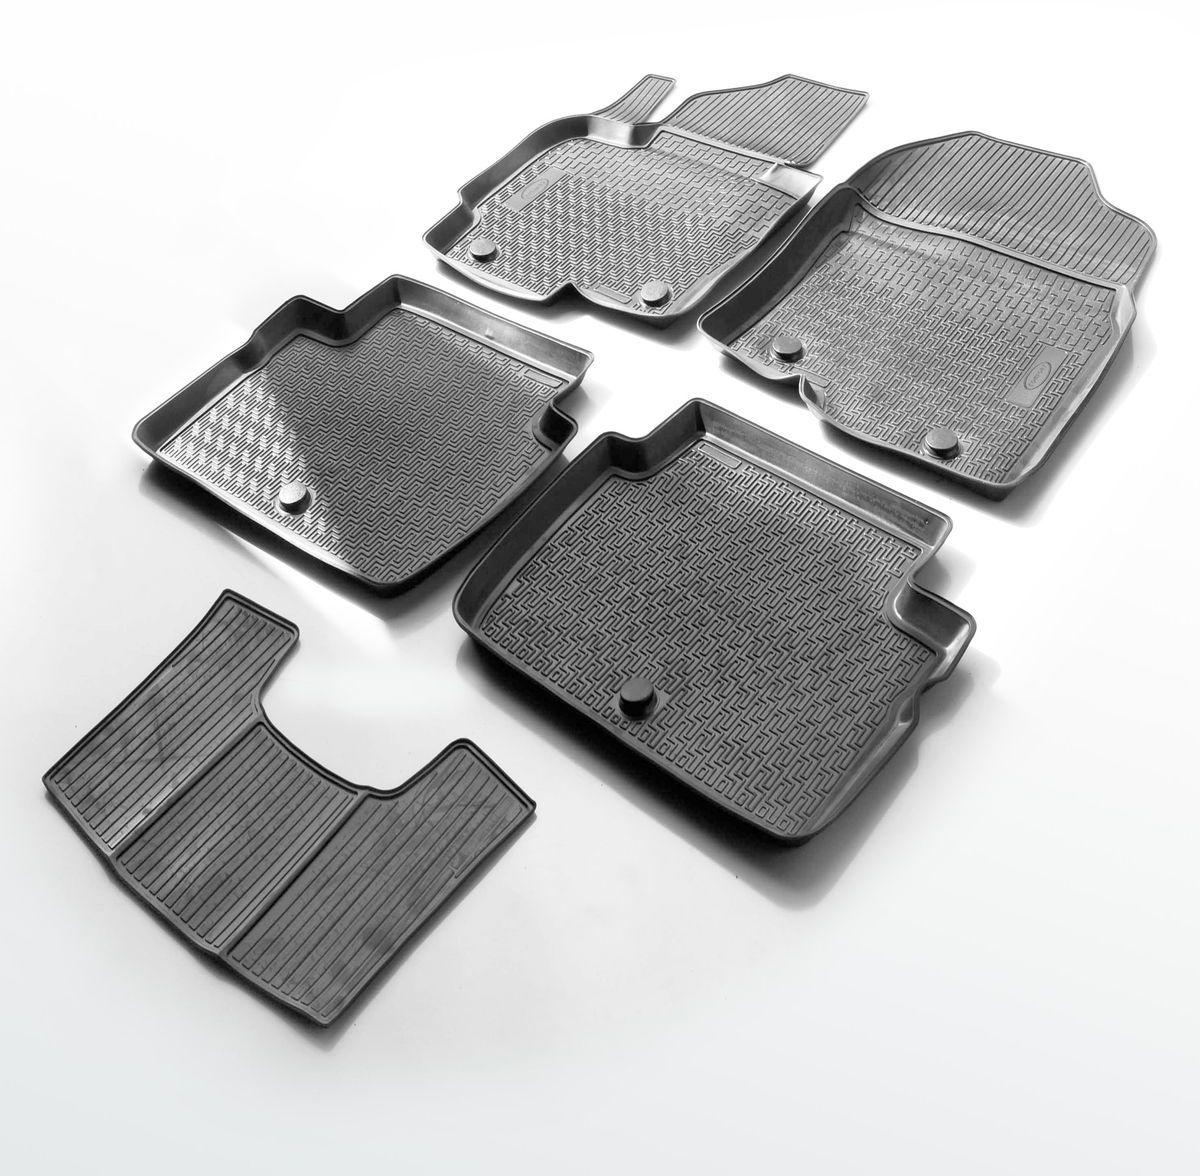 Коврики салона Rival для Kia Sorento Prime 2015-, полиуретанCA-3505Прочные и долговечные коврики Rival в салон автомобиля, изготовлены из высококачественного и экологичного сырья, полностью повторяют геометрию салона вашего автомобиля.- Надежная система крепления, позволяющая закрепить коврик на штатные элементы фиксации, в результате чего отсутствует эффект скольжения по салону автомобиля.- Высокая стойкость поверхности к стиранию.- Специализированный рисунок и высокий борт, препятствующие распространению грязи и жидкости по поверхности коврика.- Перемычка задних ковриков в комплекте предотвращает загрязнение тоннеля карданного вала.- Произведены из первичных материалов, в результате чего отсутствует неприятный запах в салоне автомобиля.- Высокая эластичность, можно беспрепятственно эксплуатировать при температуре от -45 ?C до +45 ?C.Уважаемые клиенты!Обращаем ваше внимание,что коврики имеет формусоответствующую модели данного автомобиля. Фото служит для визуального восприятия товара.